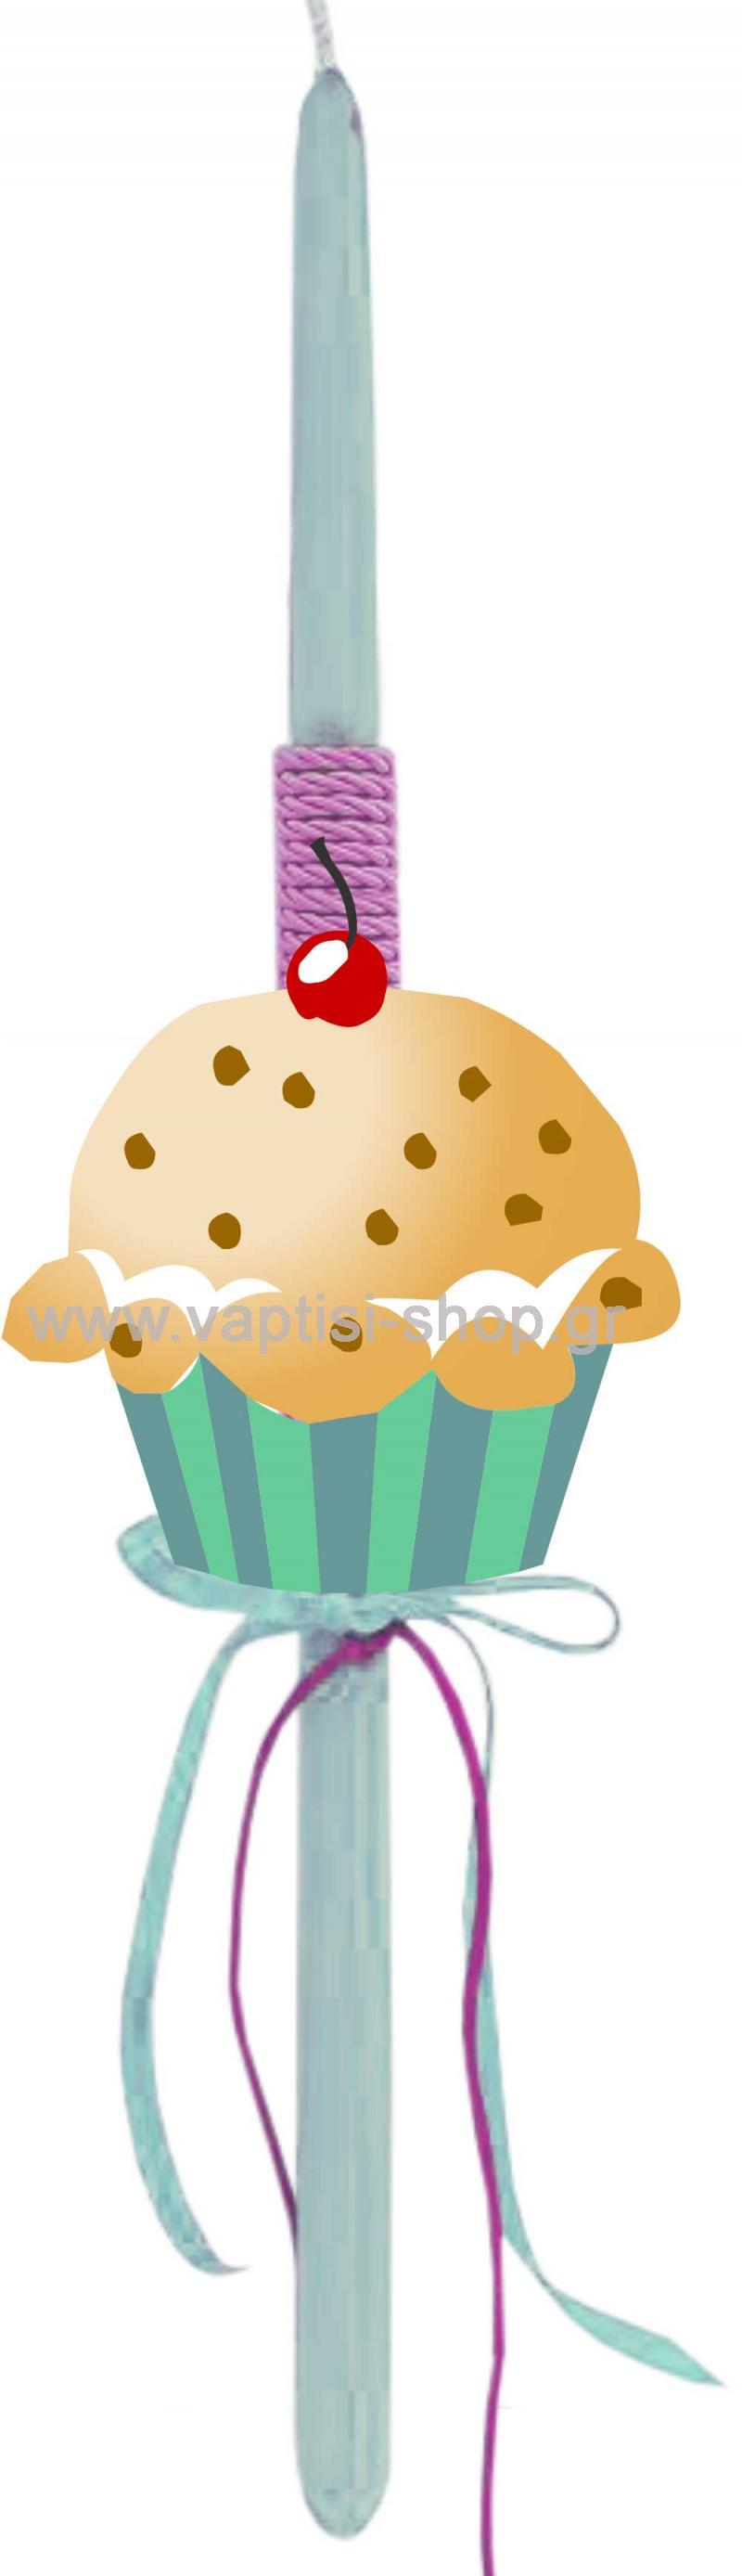 Πασχαλινή Λαμπάδα cupcake 2